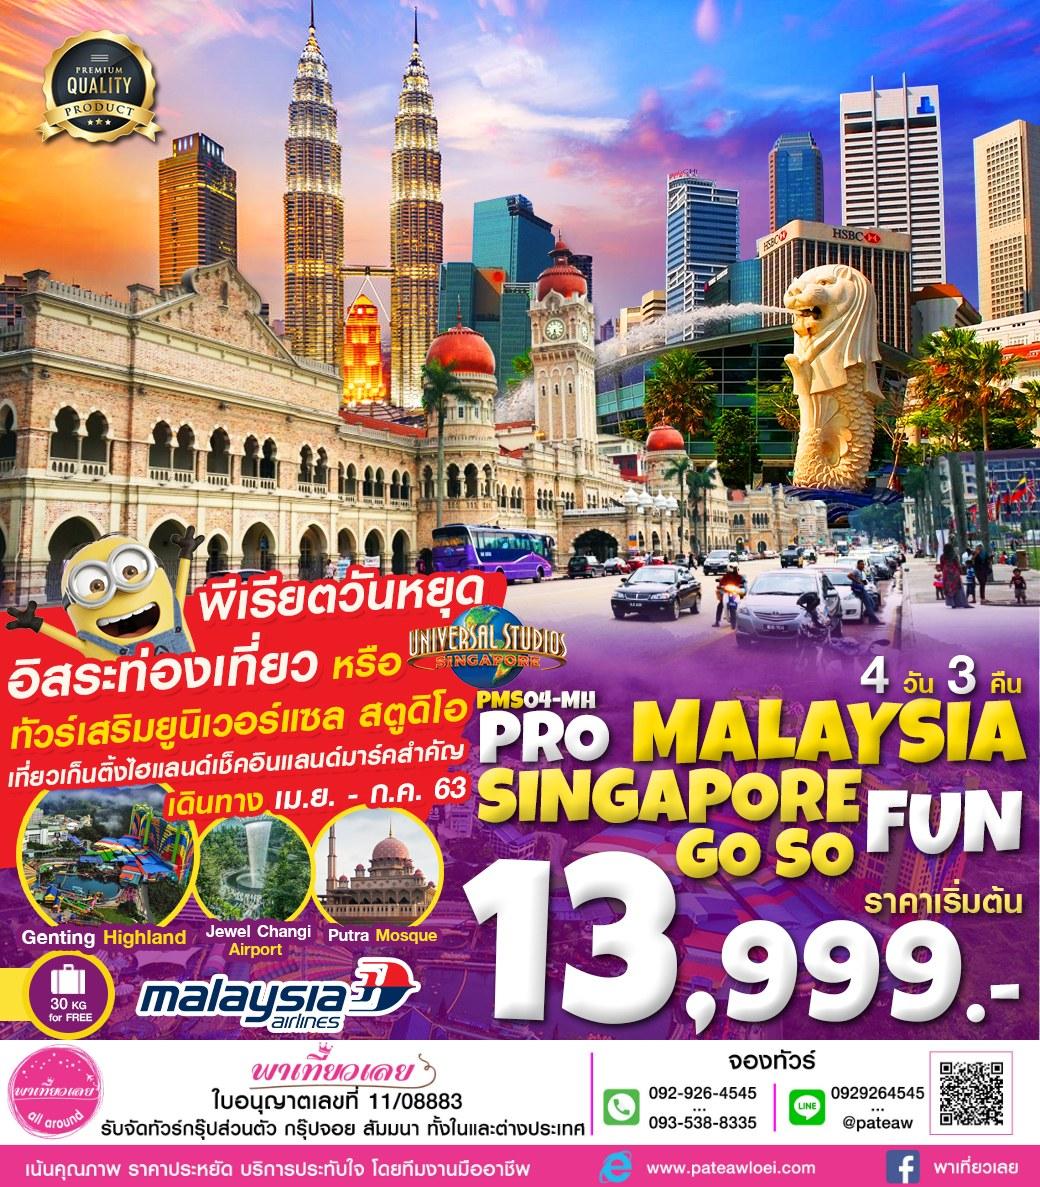 มาเลเซีย สิงคโปร์ GO SO FUN 4วัน 3คืน